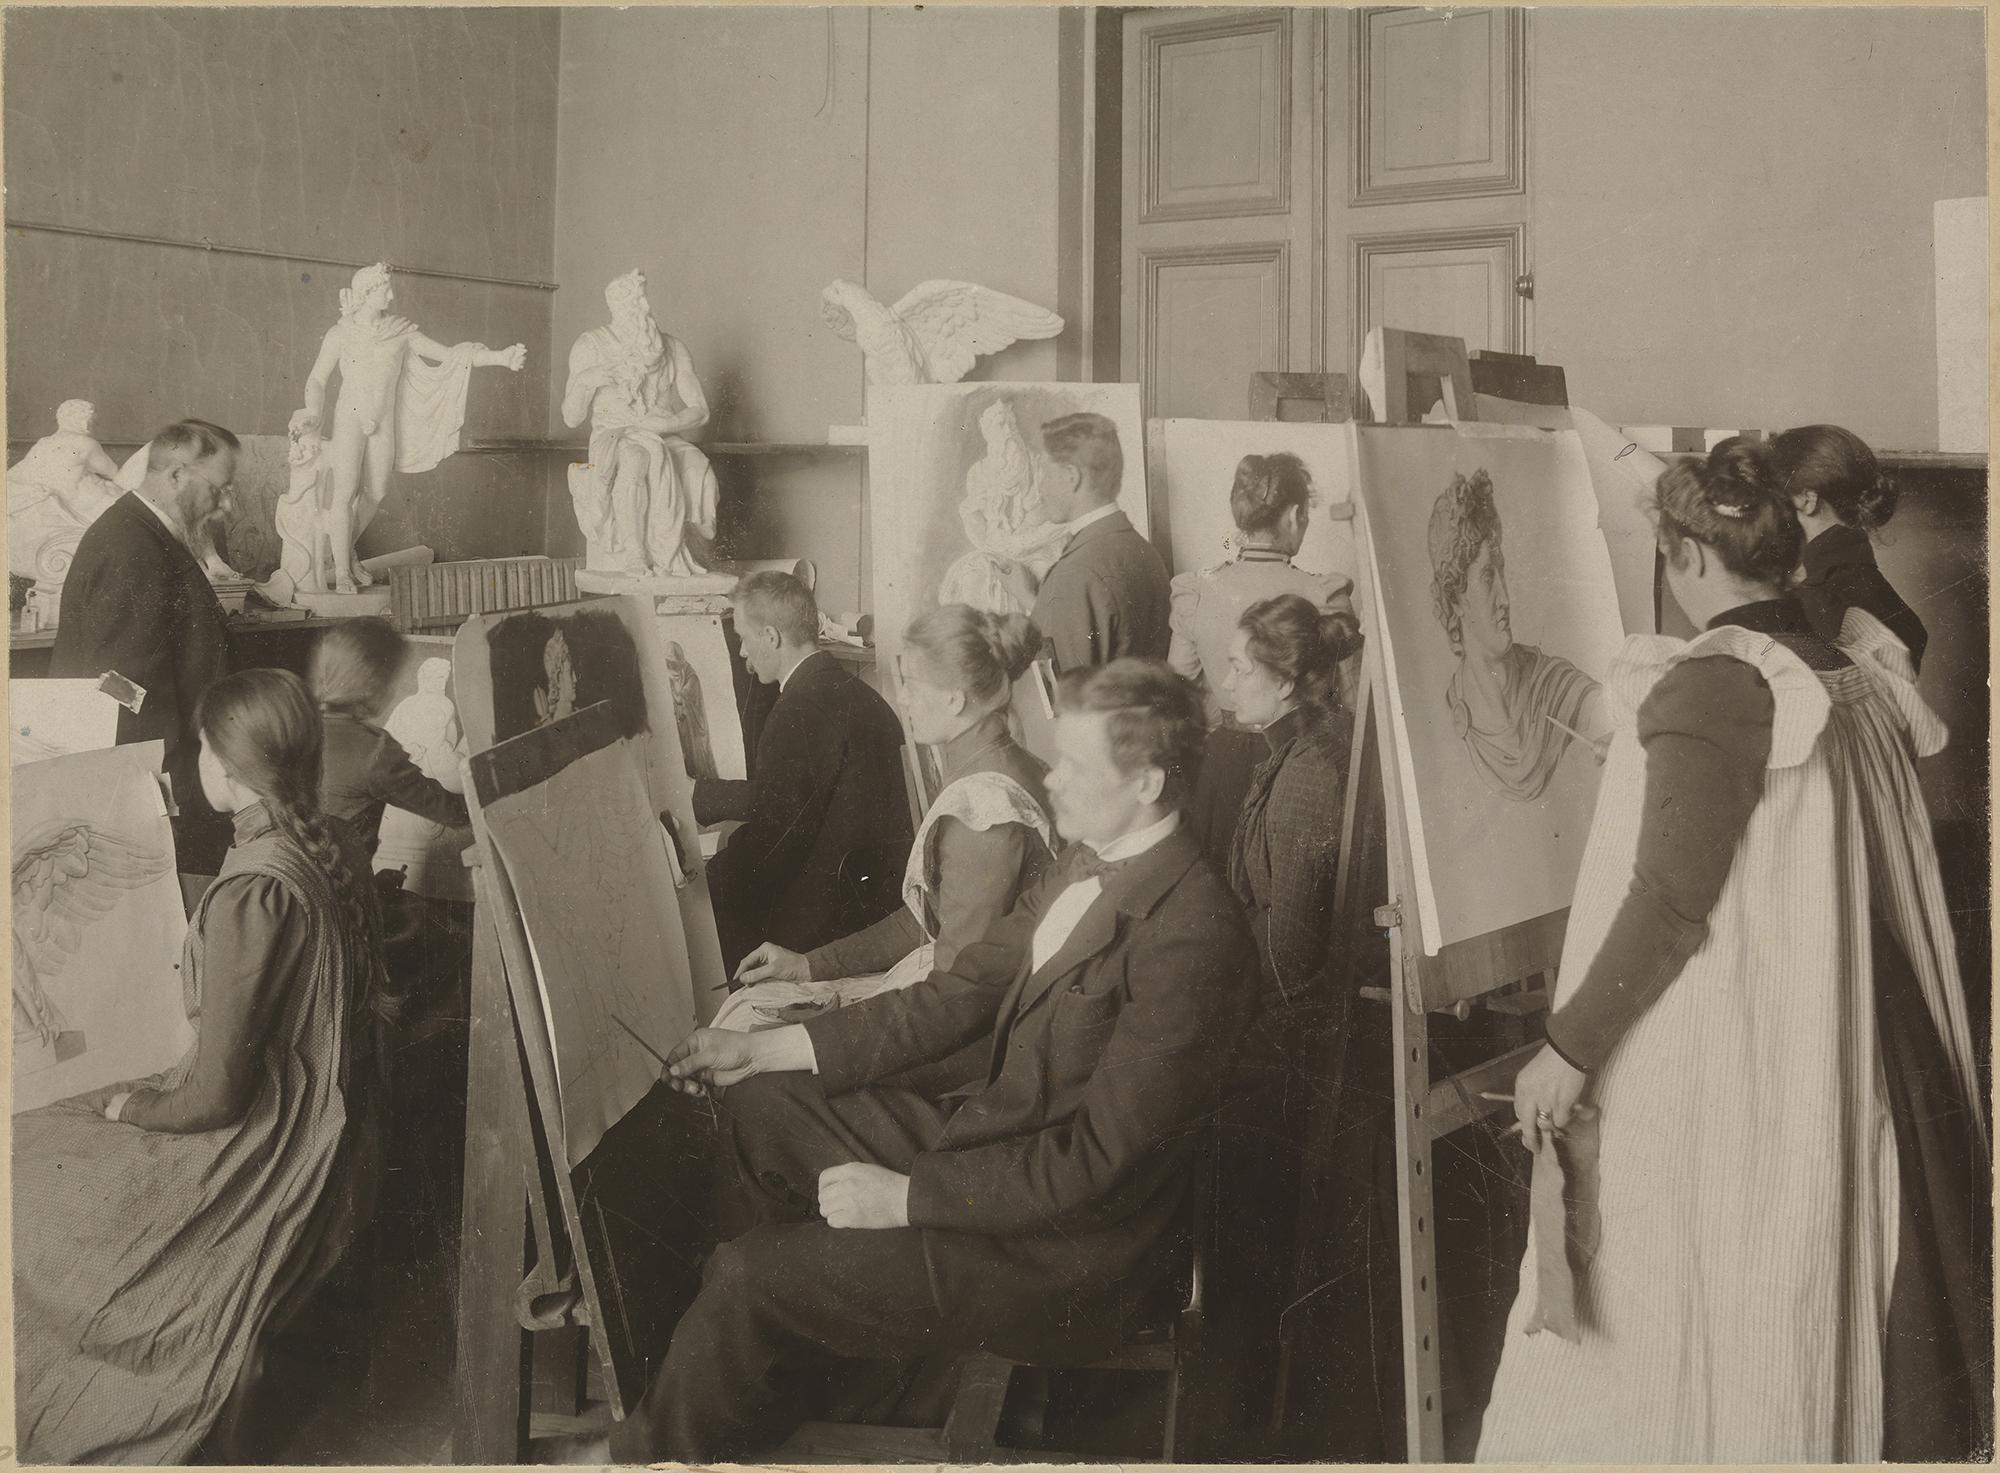 Taideopiskelijoita vuonna 1898 piirustustelineiden äärellä, taustalla näkyy kipsimalleja.